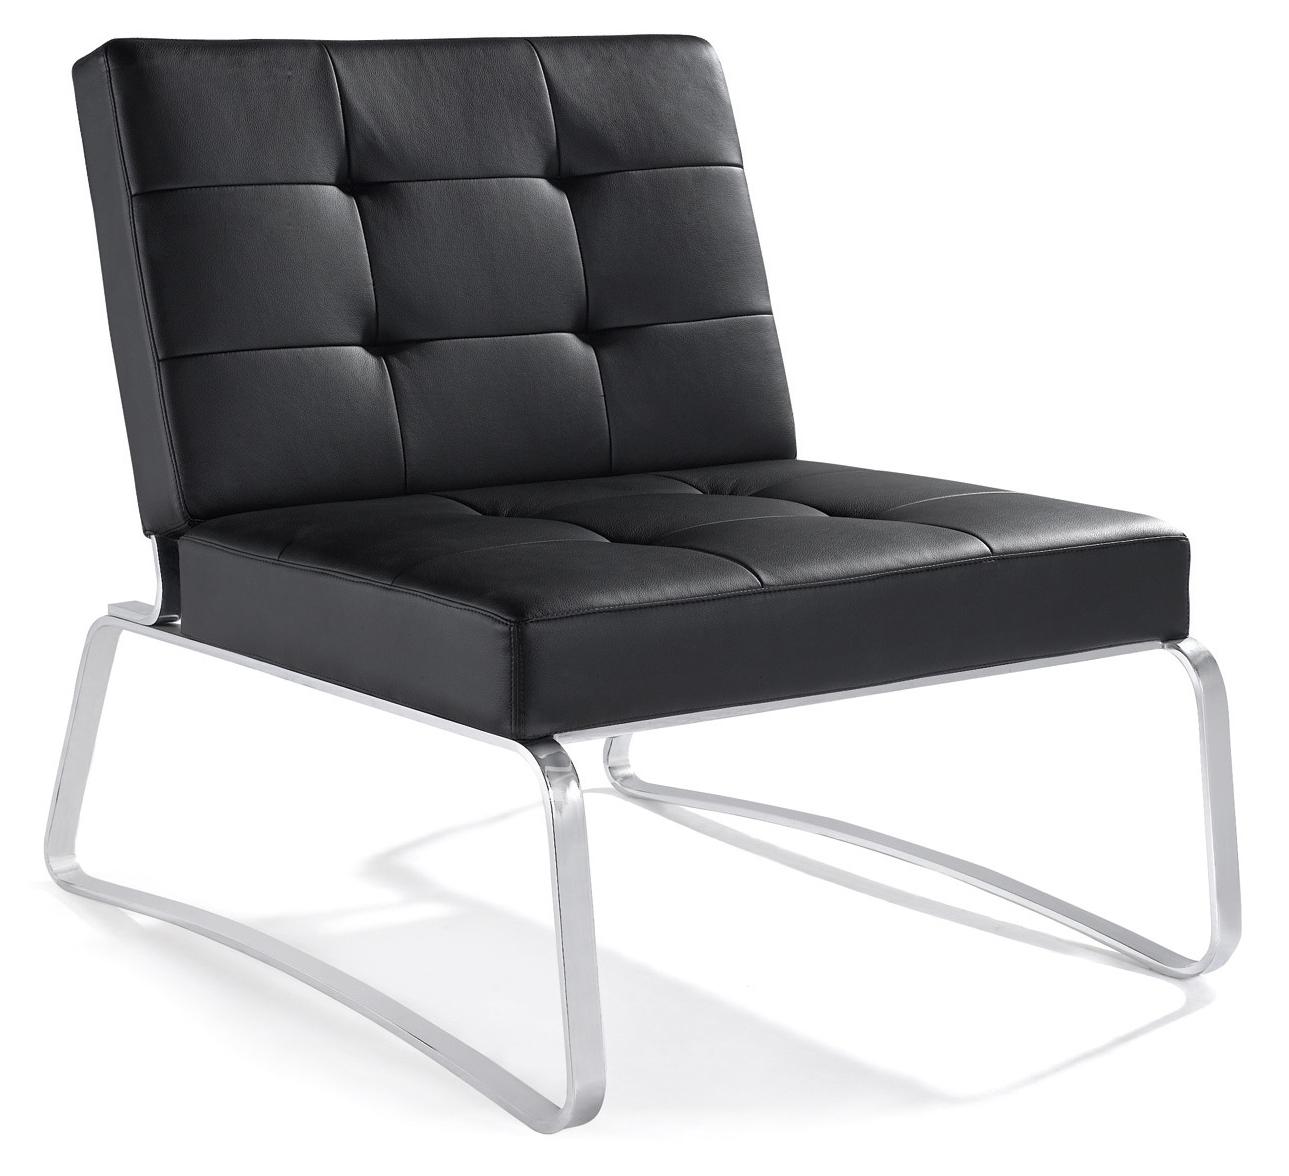 hermes-lounge-chair-black.jpg